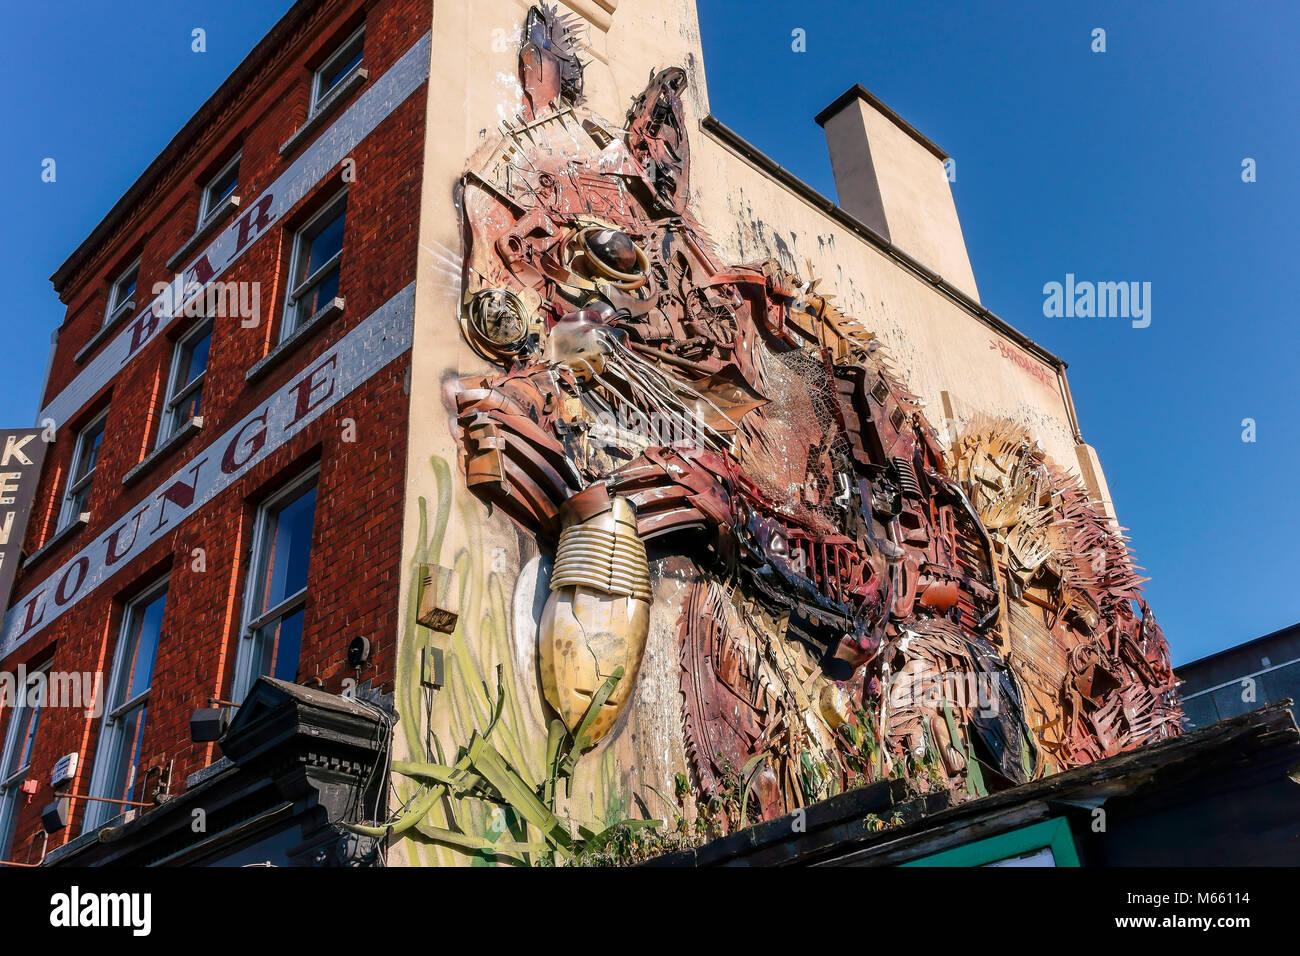 Obra de Arte en el taller Gastro Pub fachada. Ardilla roja, fabricado a partir de residuos de la ciudad, por el Imagen De Stock